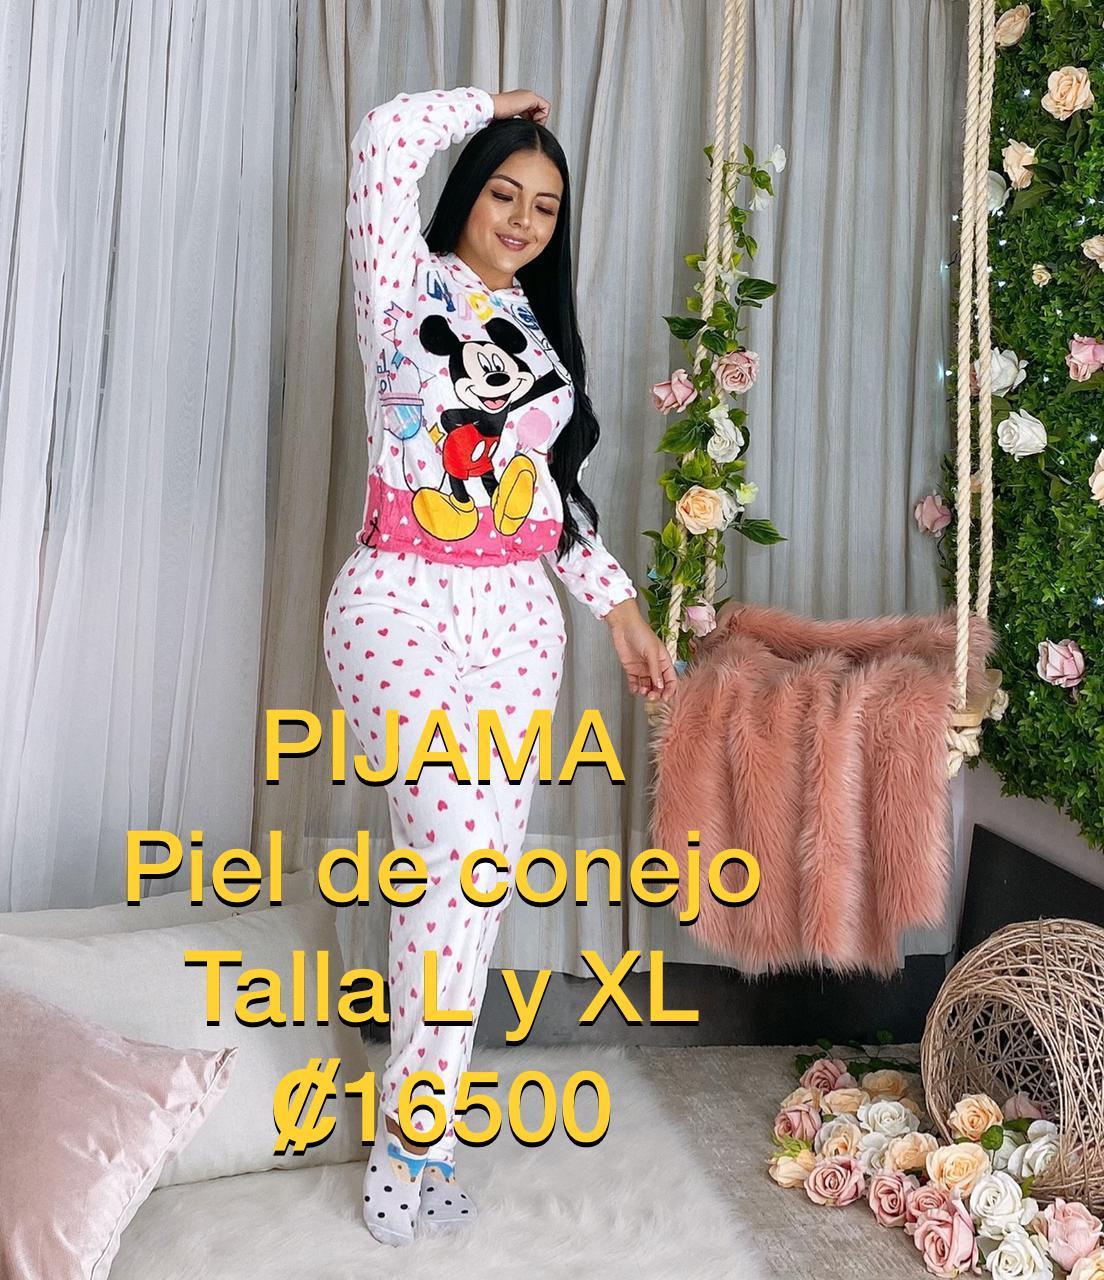 Se Venden Hermosas  Pijamas  Para  Damas Talla L y XL